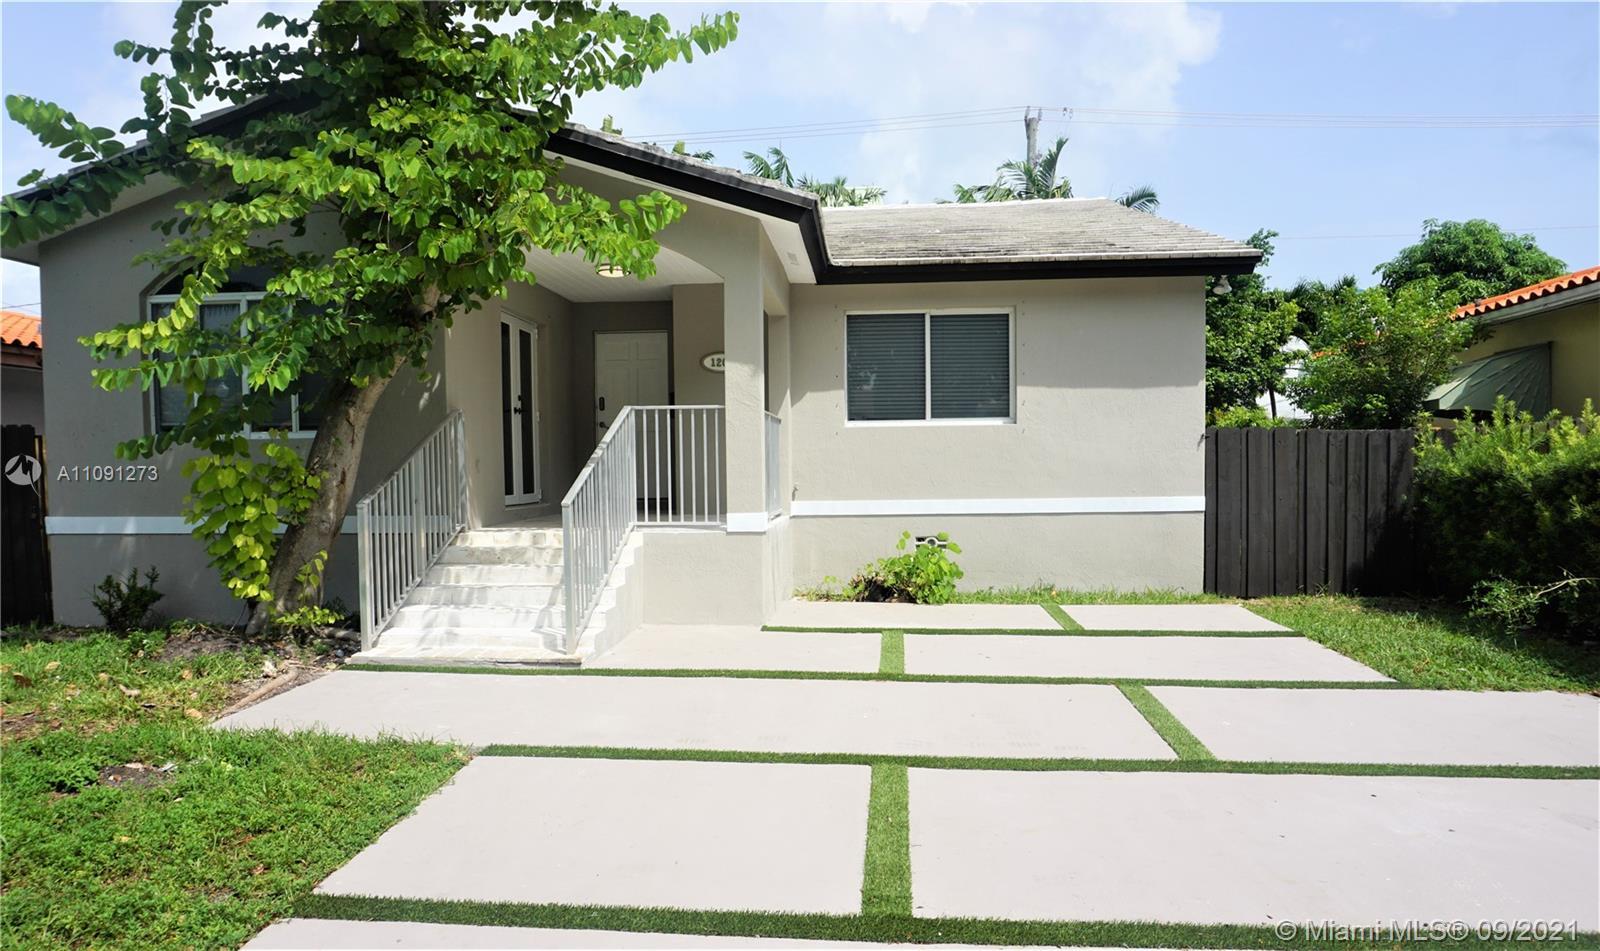 1201 Biarritz Dr, Miami Beach, Florida 33141